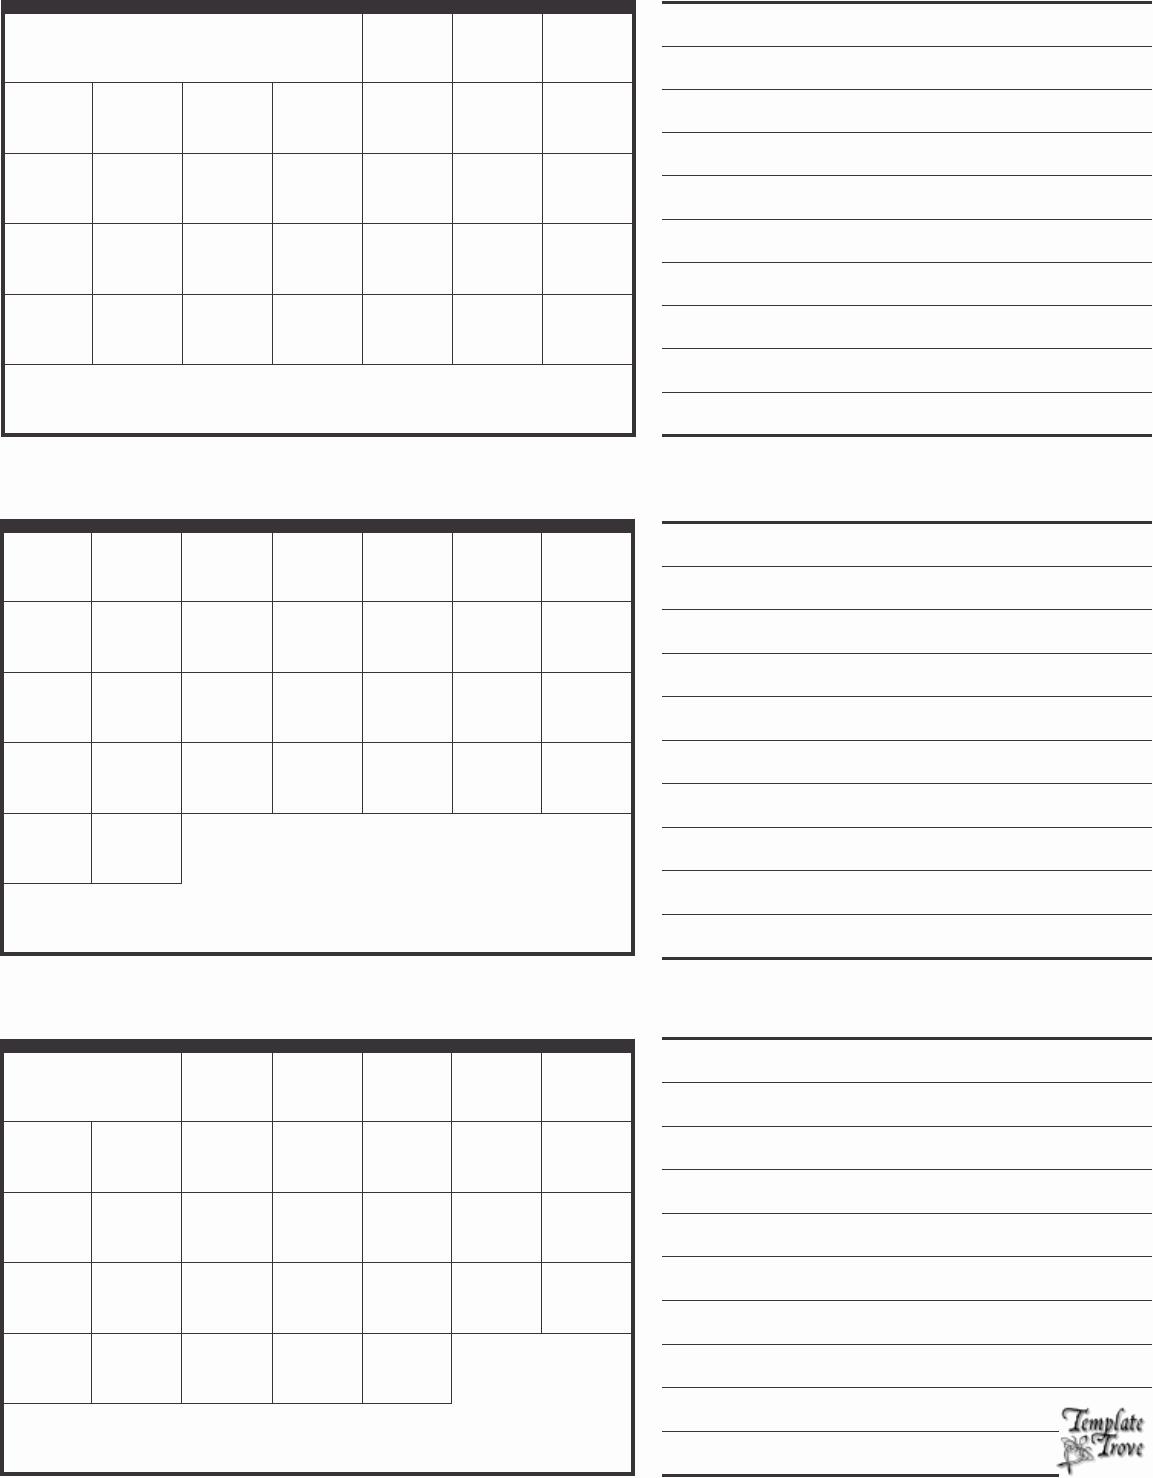 Blank Calendar 3 Months Per Page  Calendar Printable Free within 3 Month Calendar Printable